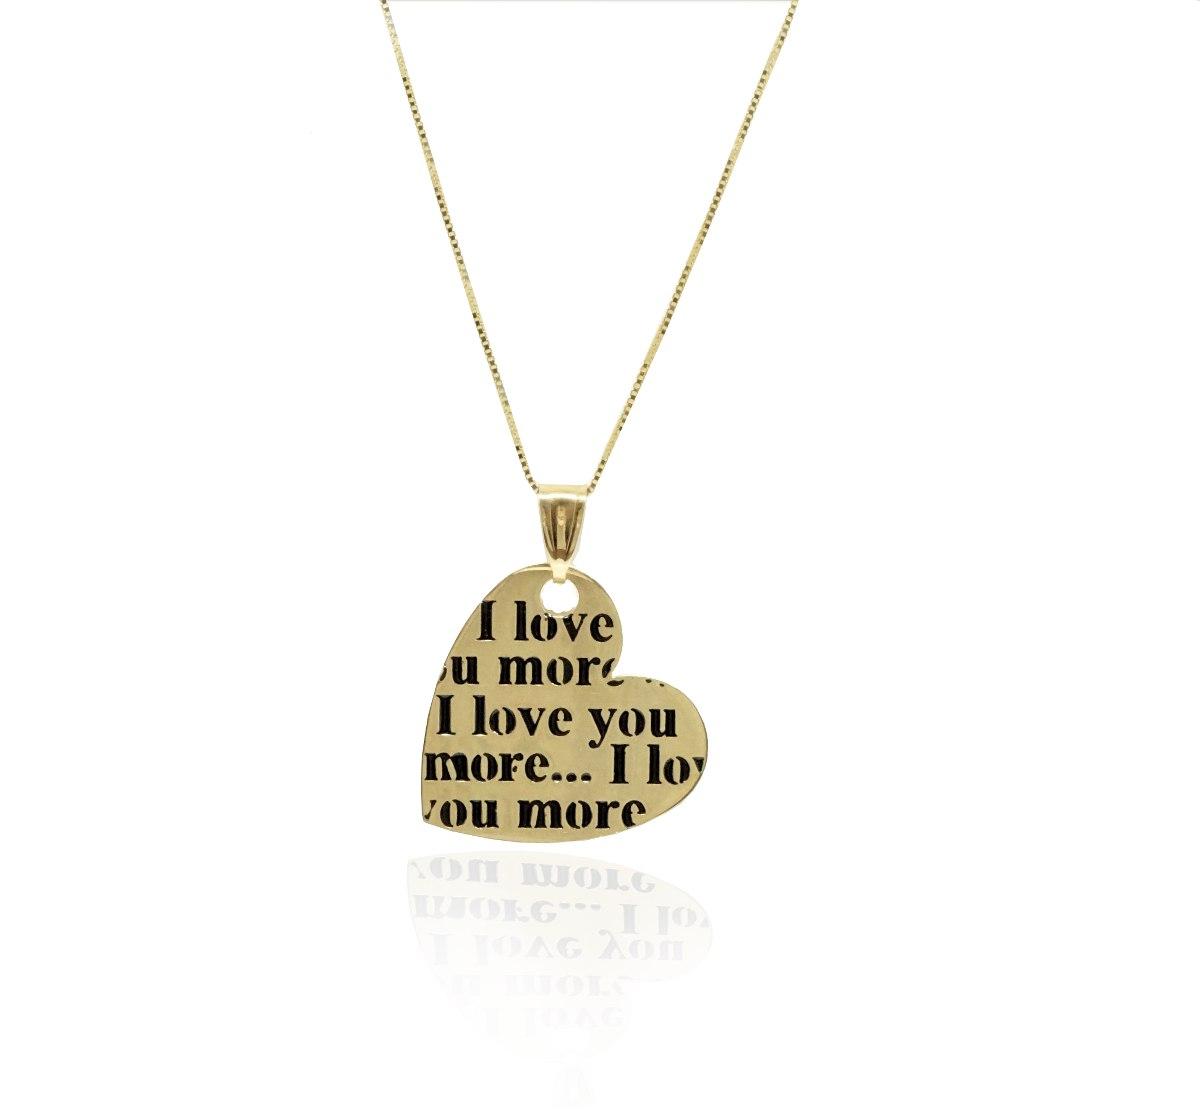 שרשרת לב זהב לאישה עם כיתוב I LOVE YOU MORE